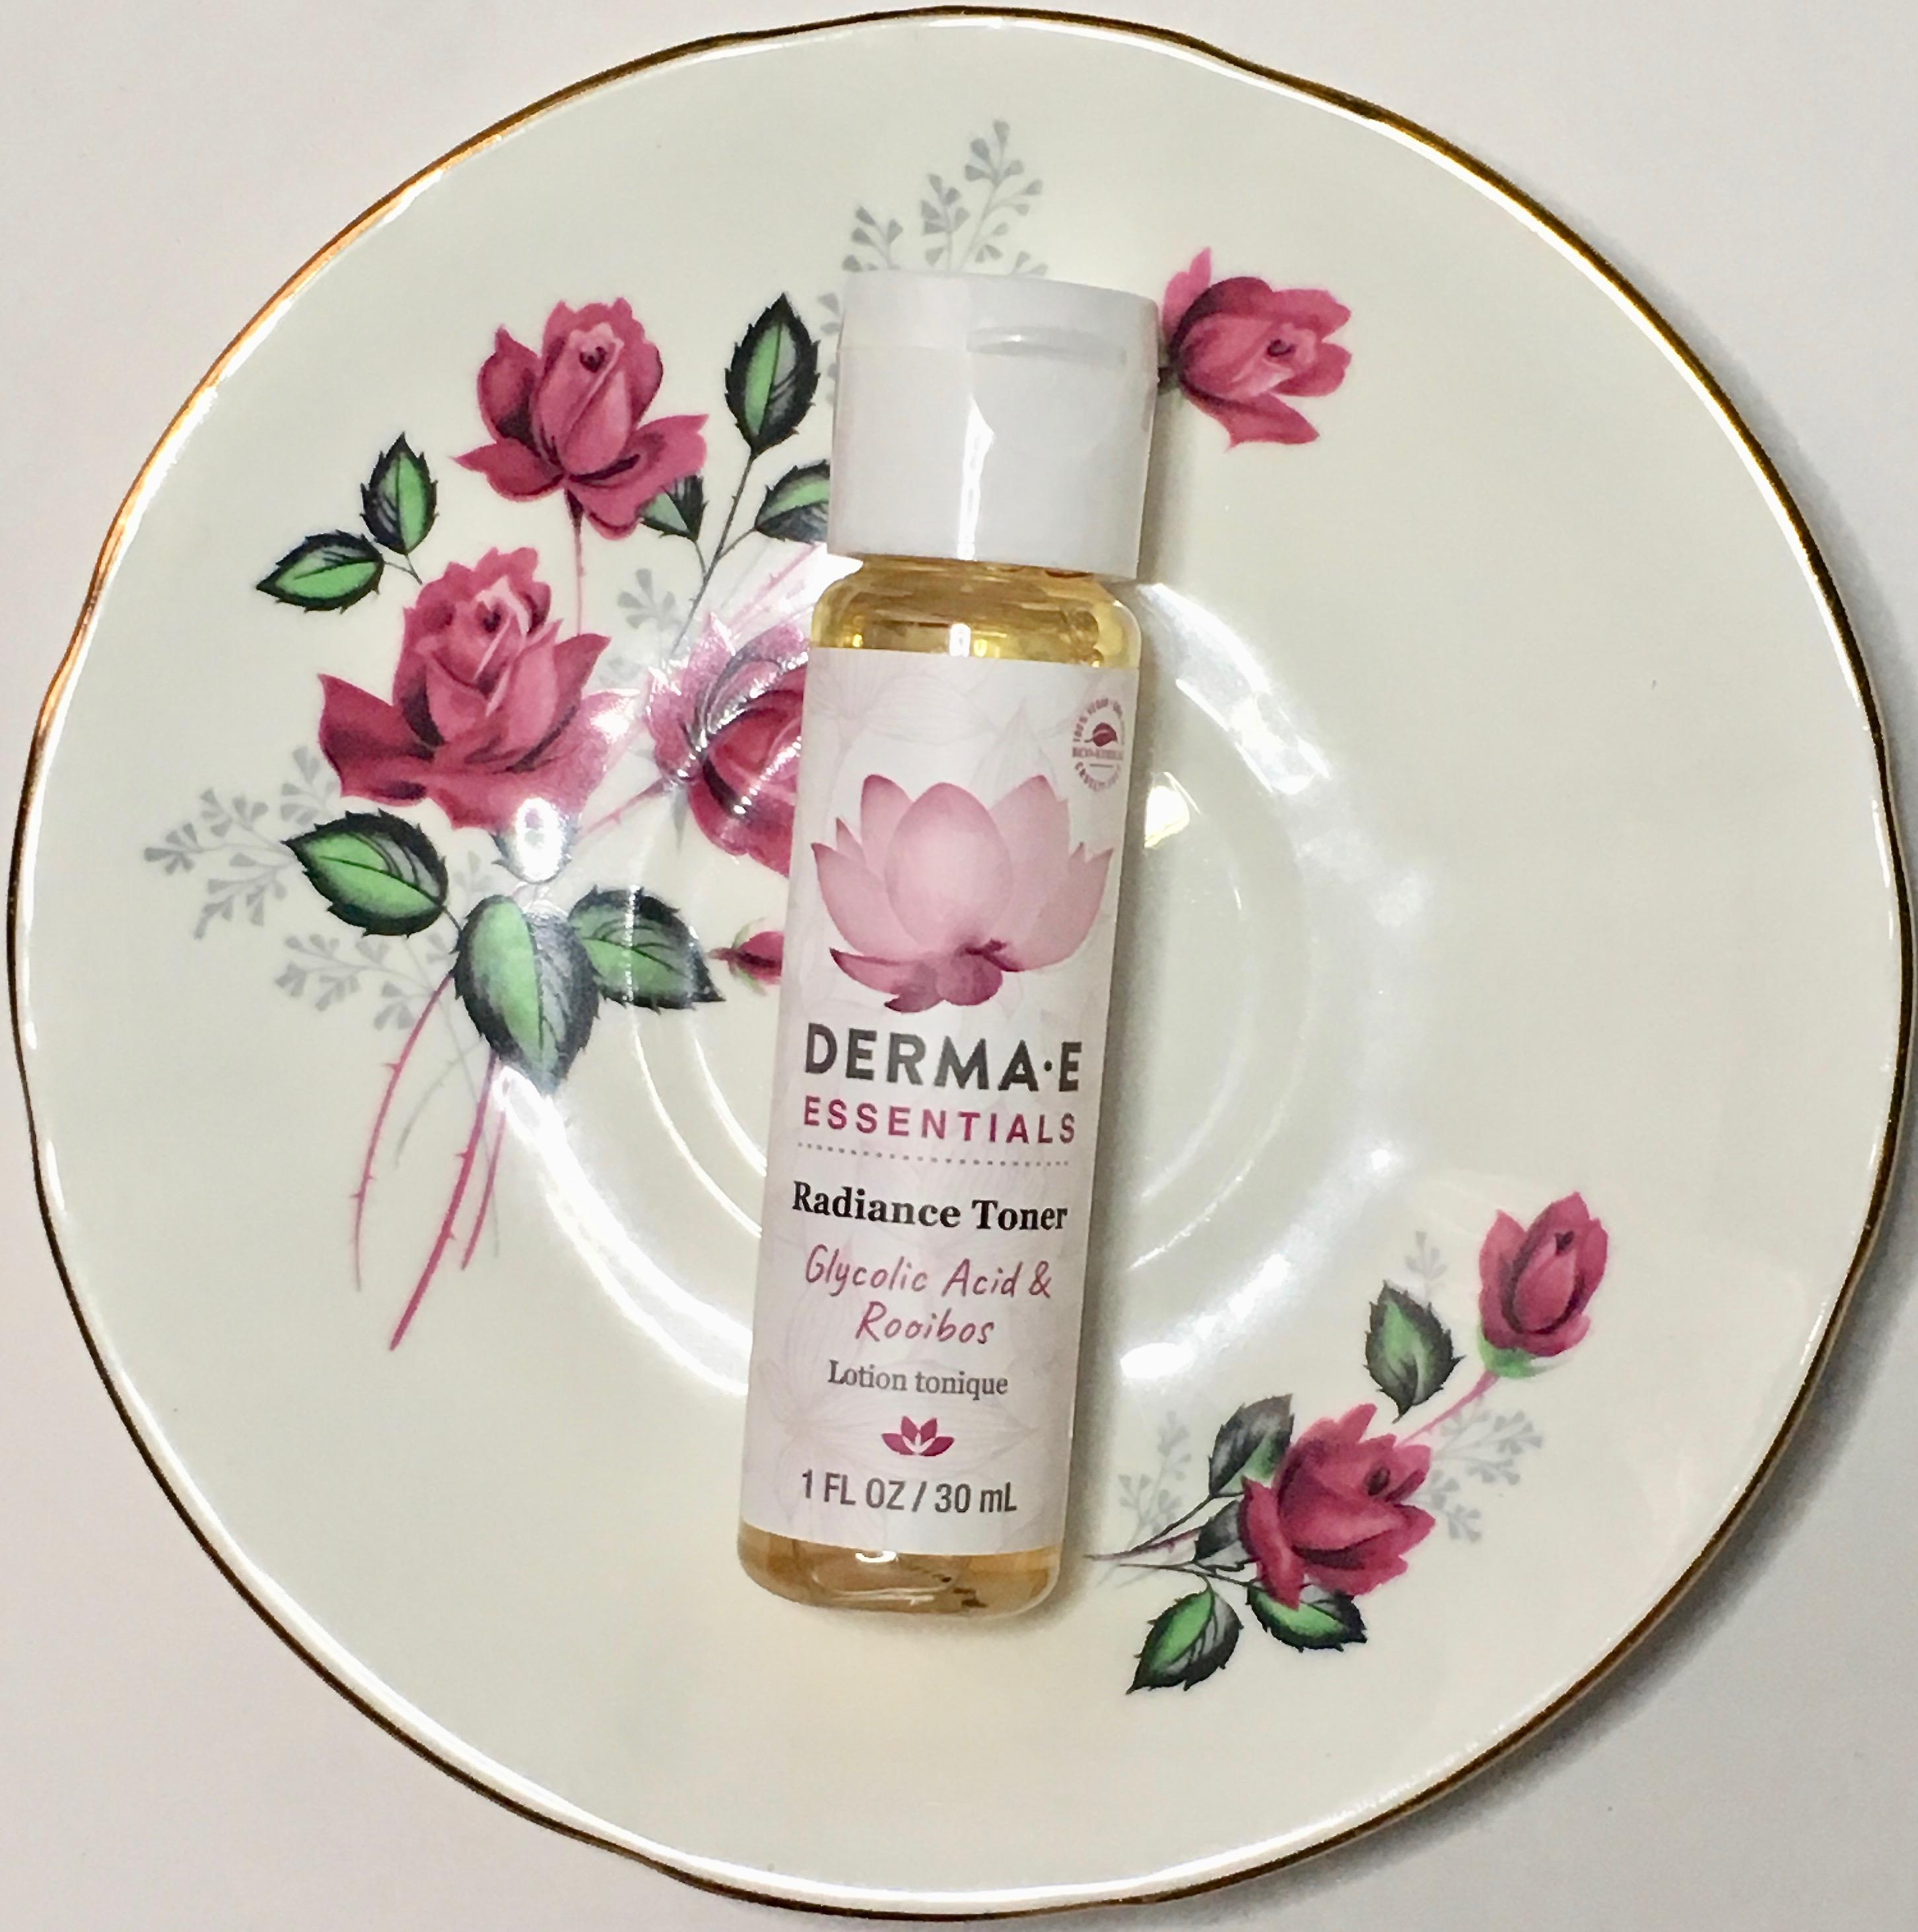 Derma E Essentials Radiance Toner